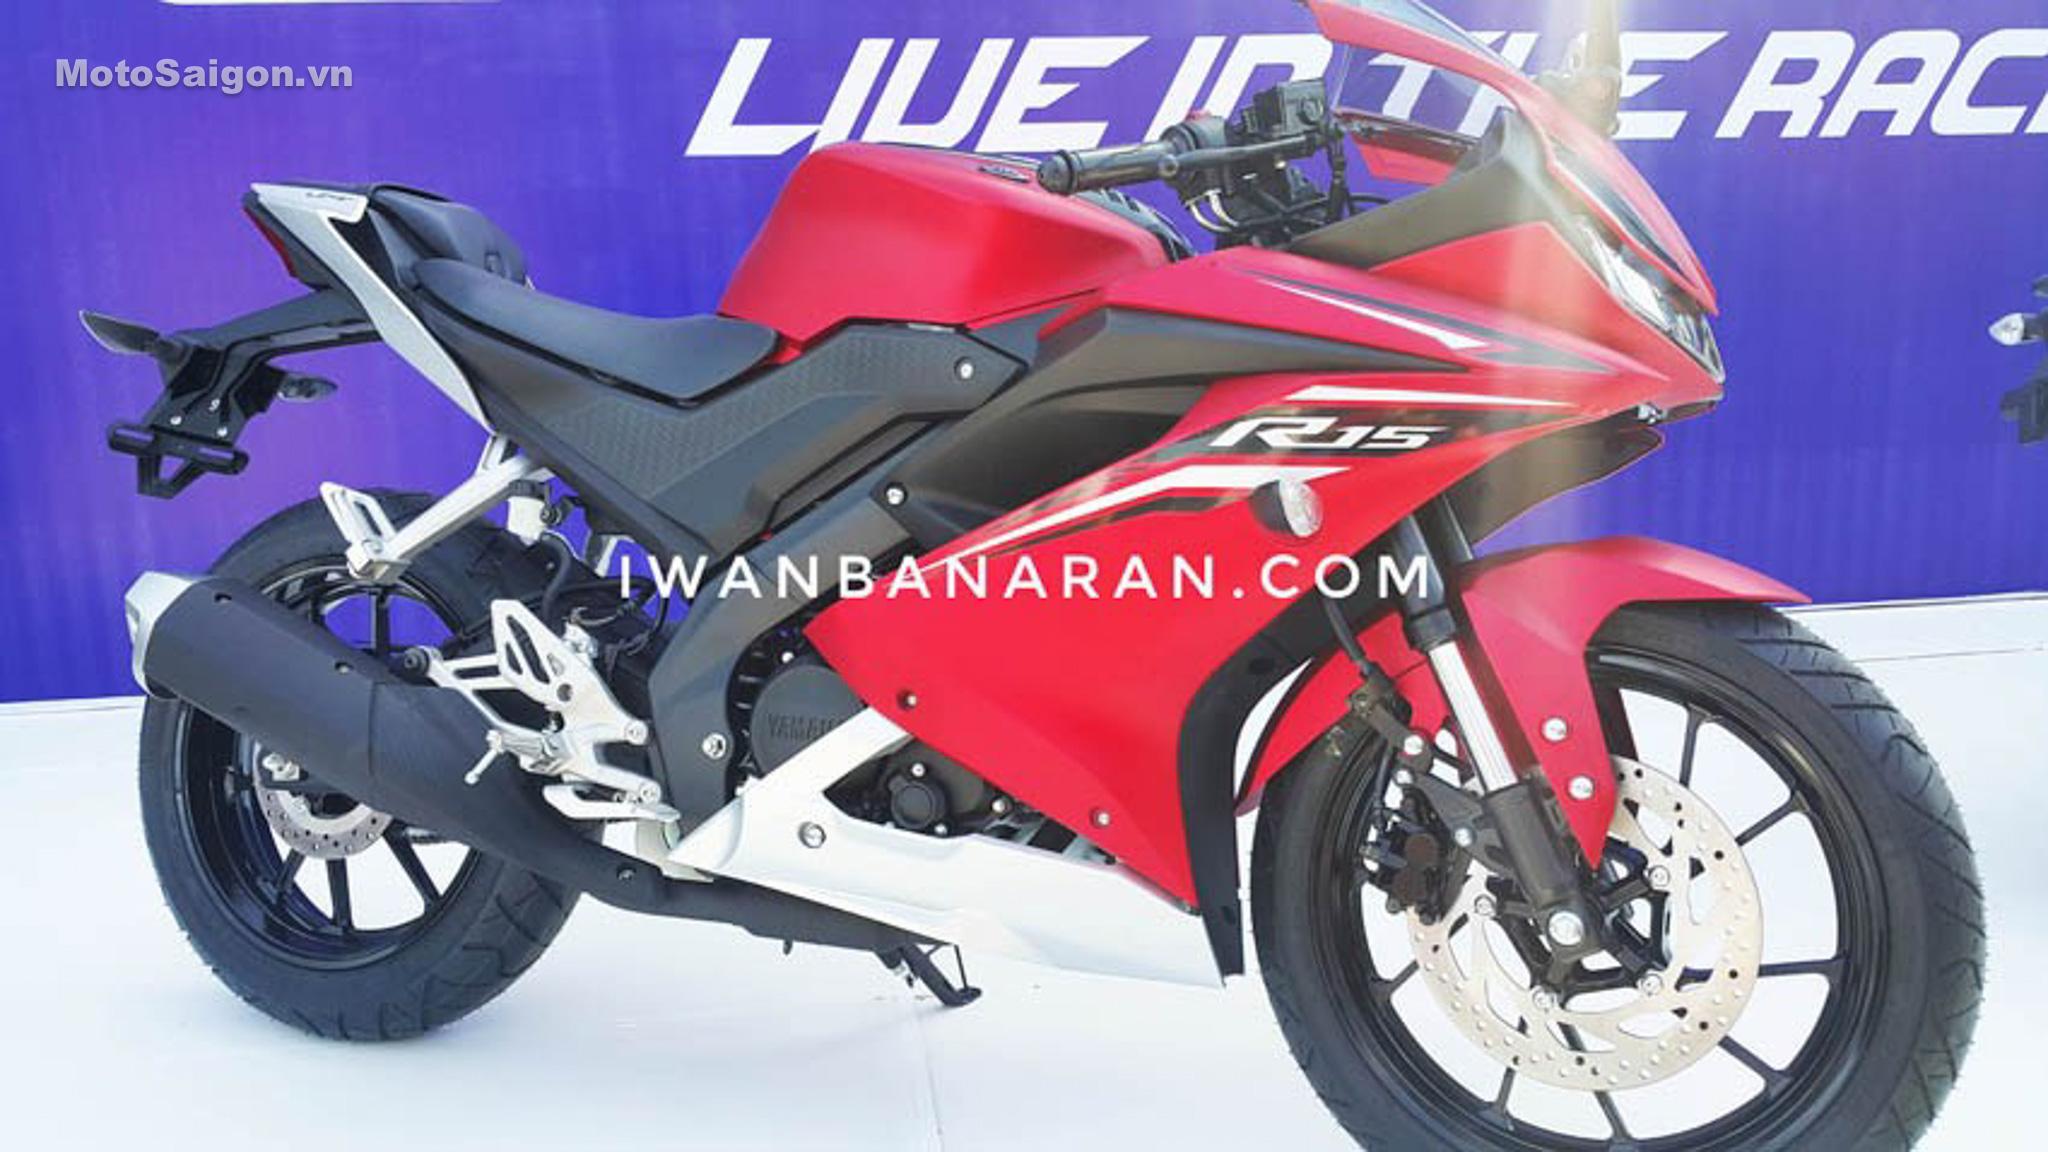 danh-gia-xe-yamaha-r15-v3-2017-hinh-anh-motosaigon-4